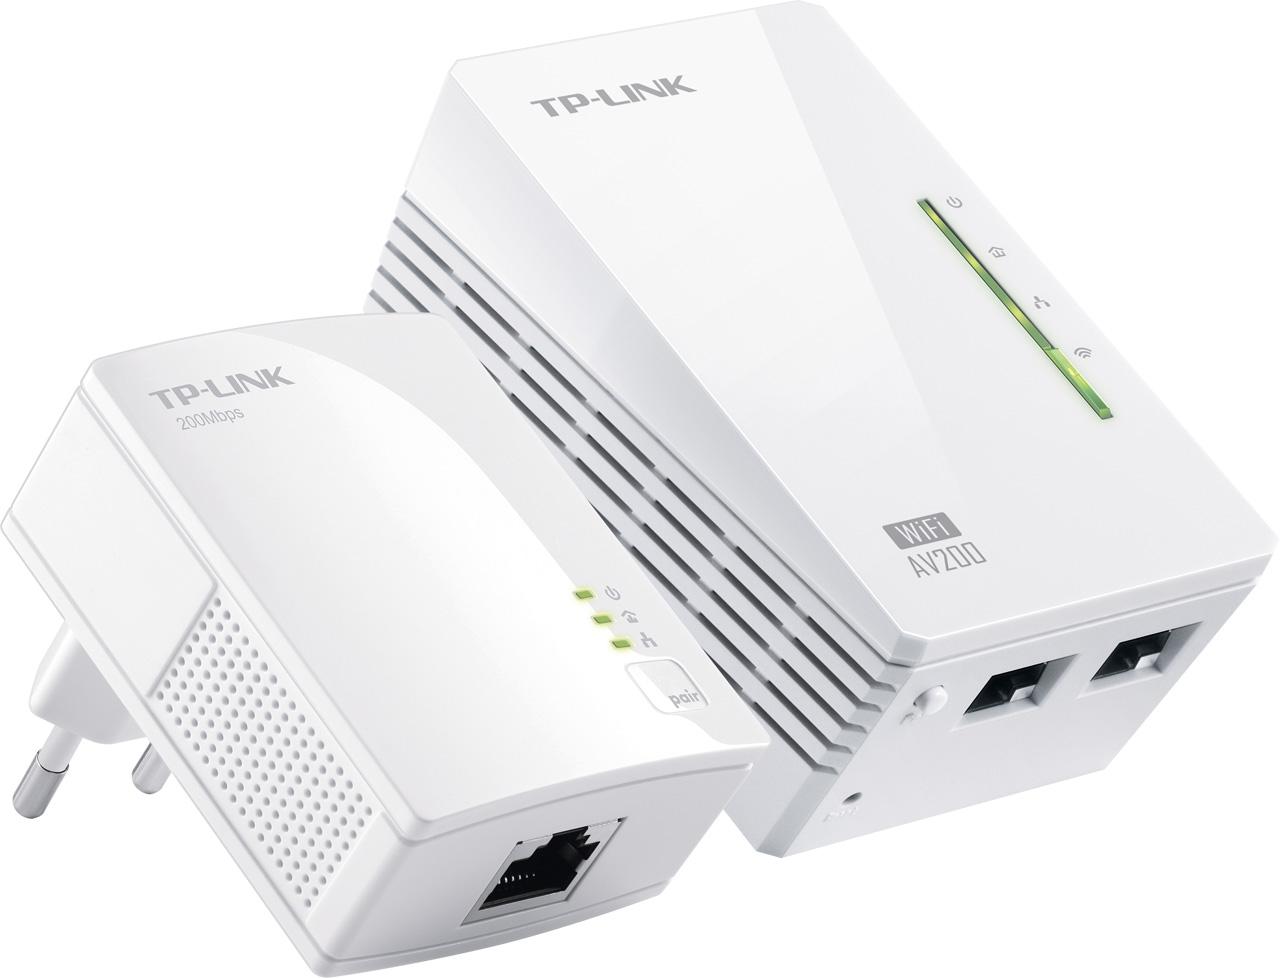 tp link 300 mbps av200 wi fi powerline extender starter kit prijzen tweakers. Black Bedroom Furniture Sets. Home Design Ideas